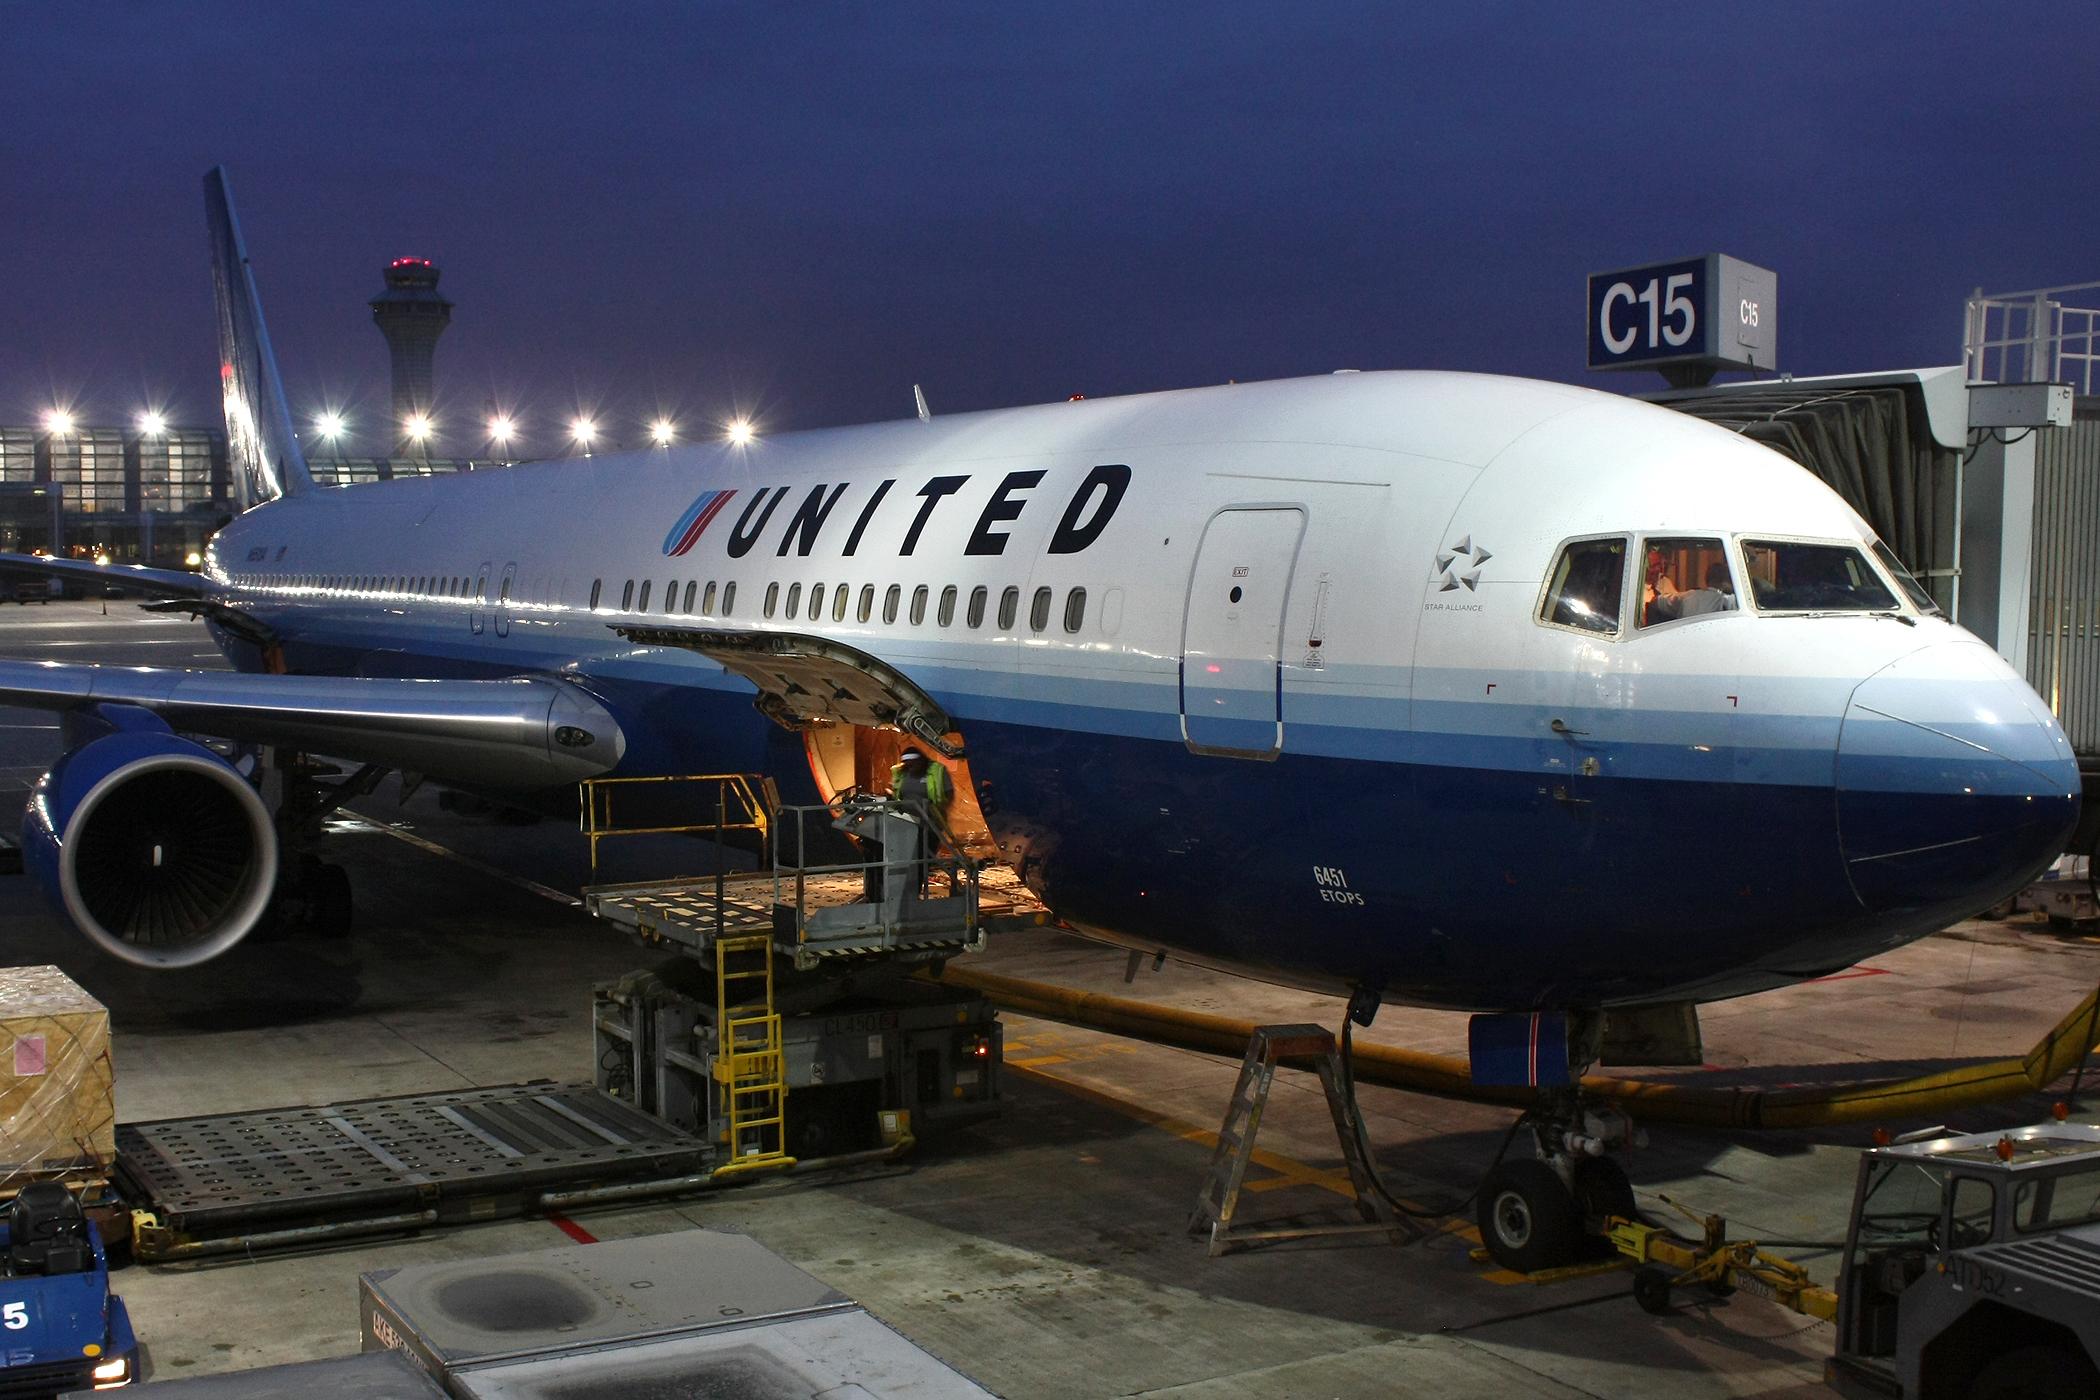 Unite Airlines